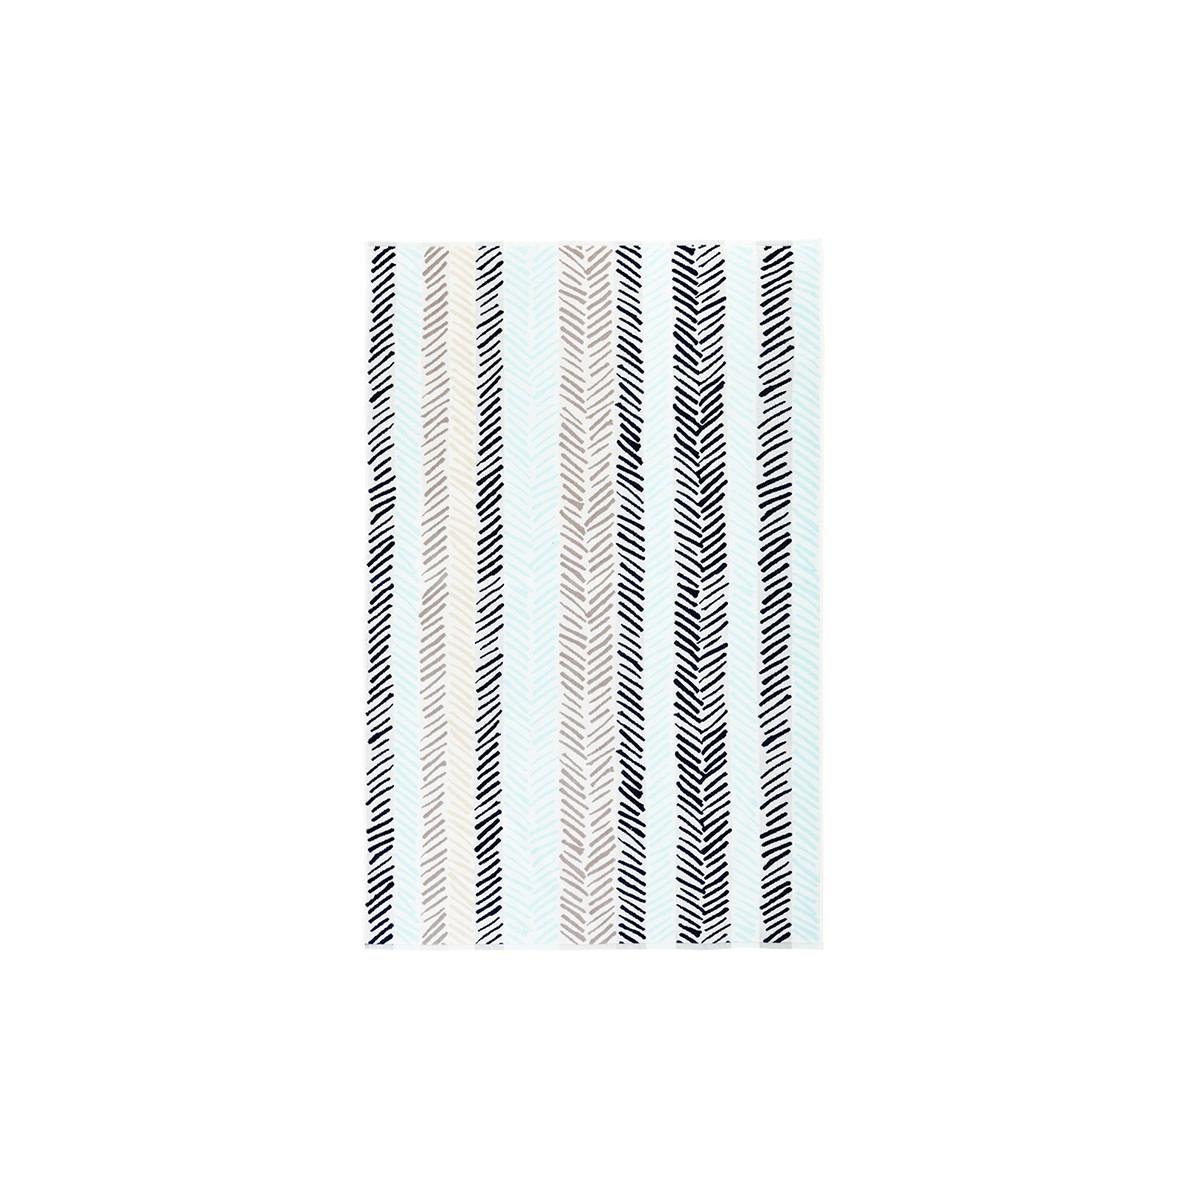 Drap de plage coton 100x160 cm bleu clair rayé